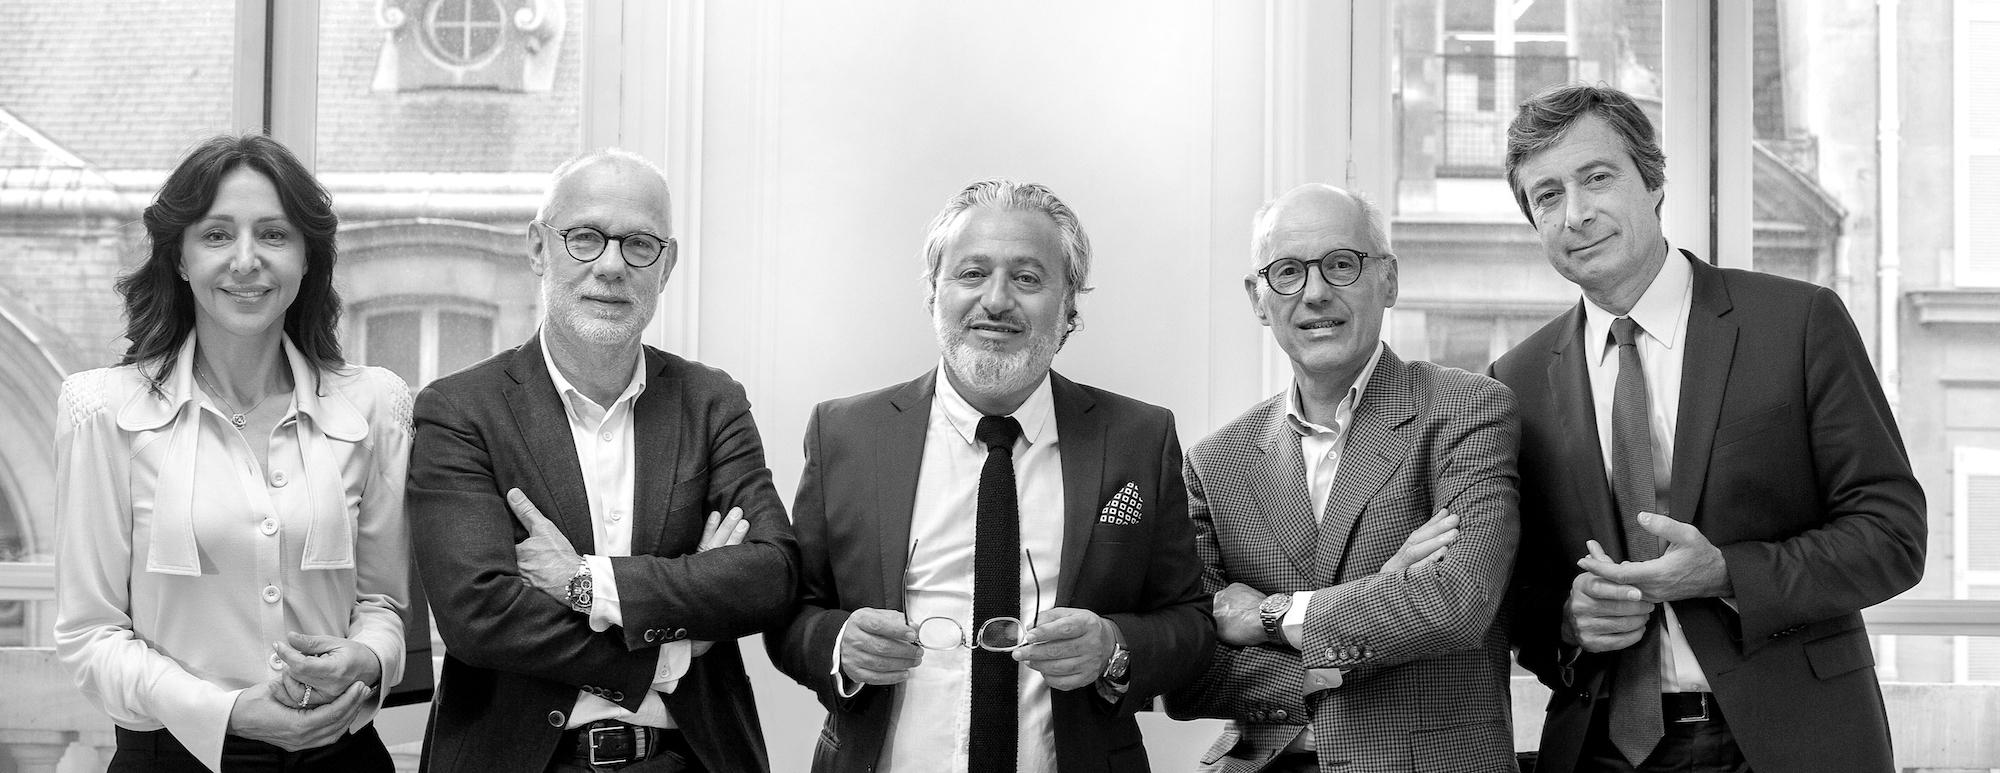 6 urologues avec la même approche - Paris étoile - Paris Monceau - Paris Villiers